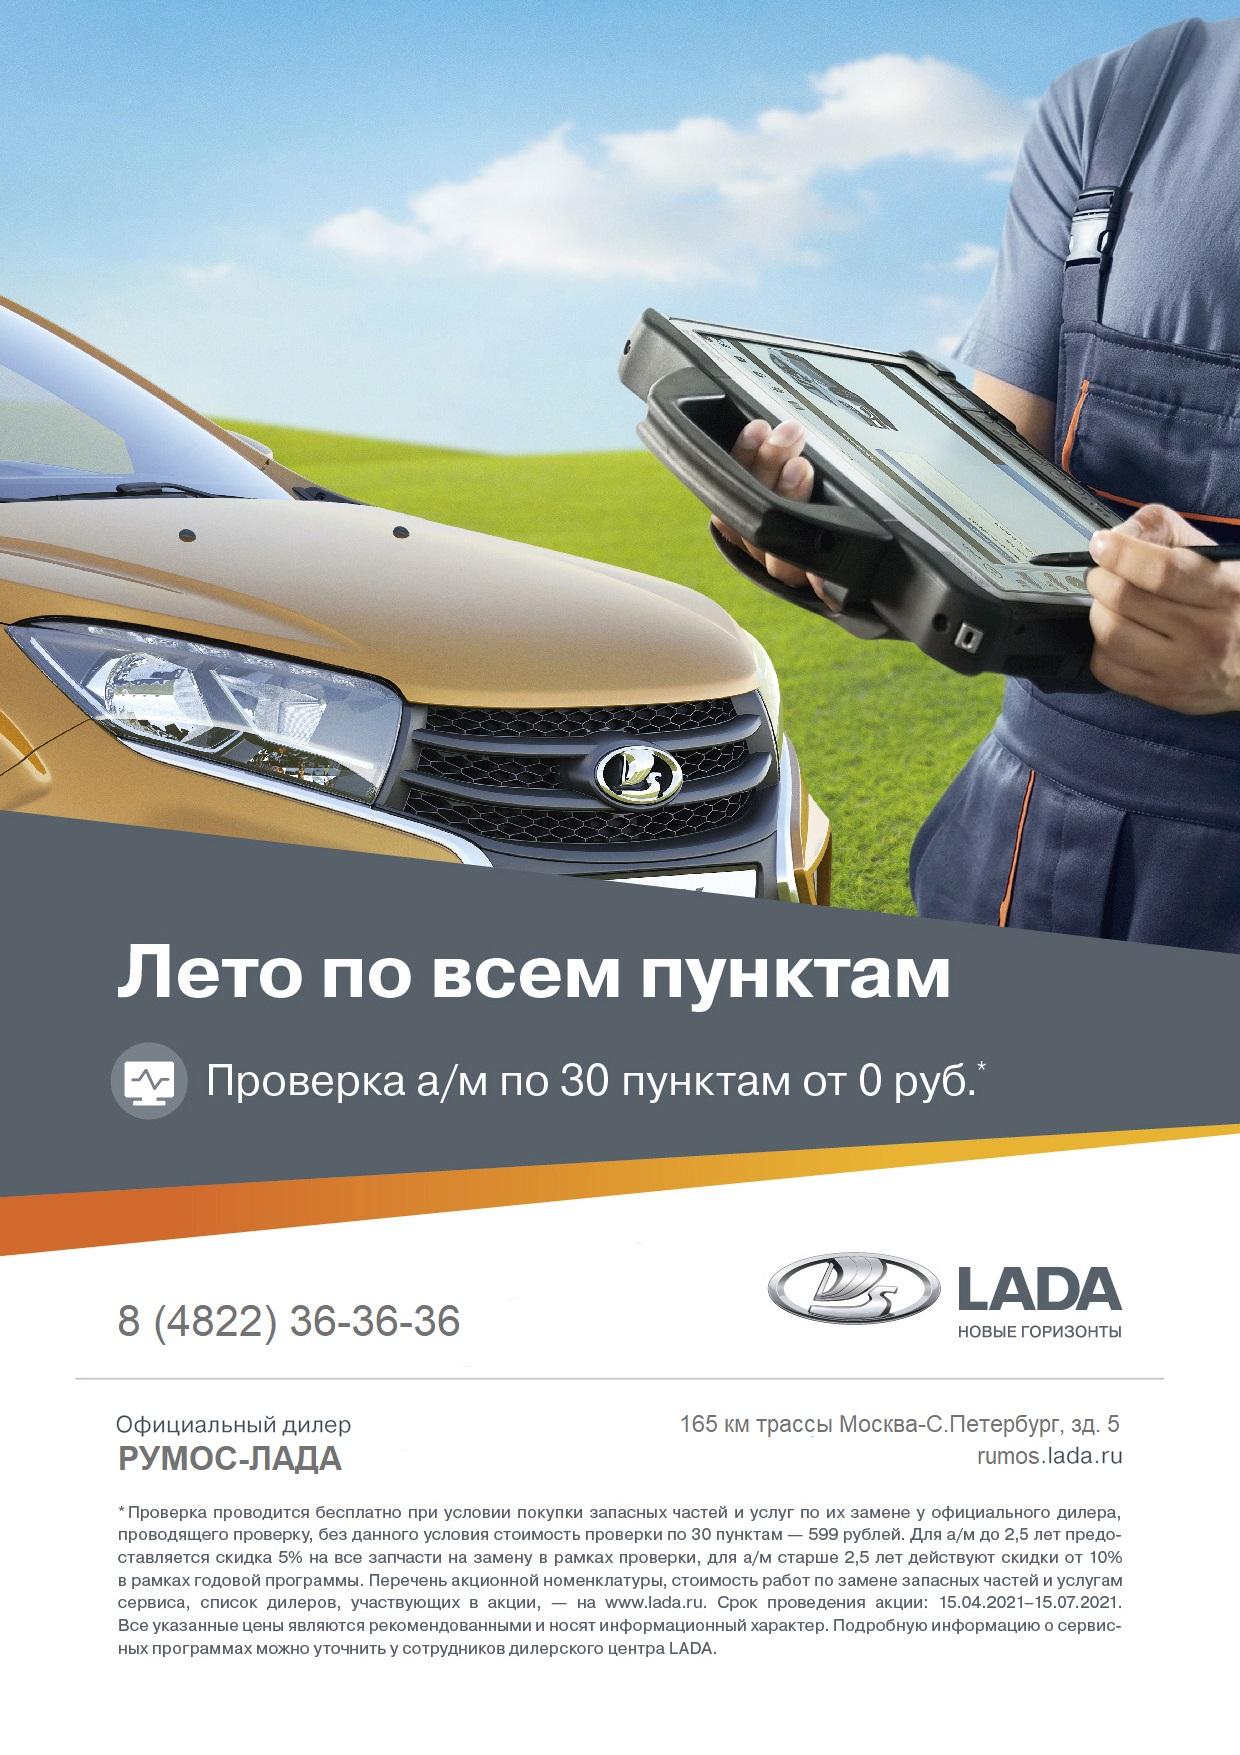 Проверка автомобиля LADA по 30 пунктам от 0 руб. Лето по всем пунктам